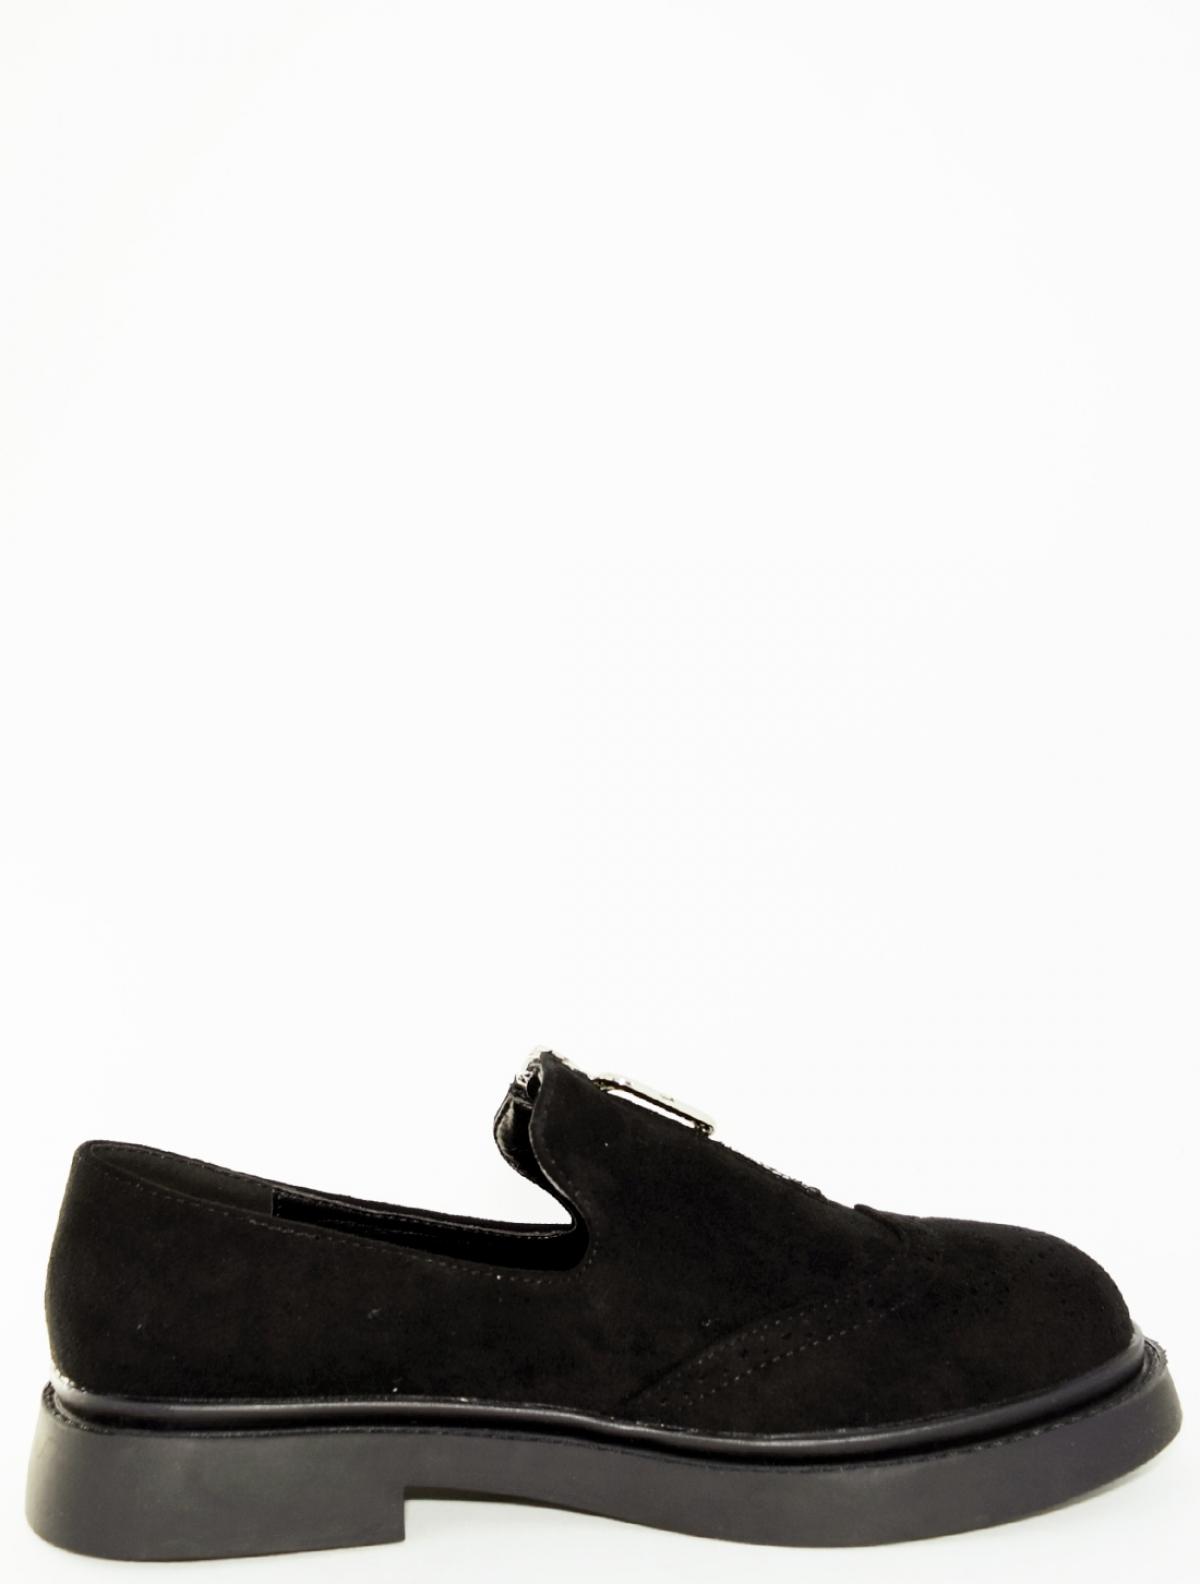 Admlis A77 женские туфли